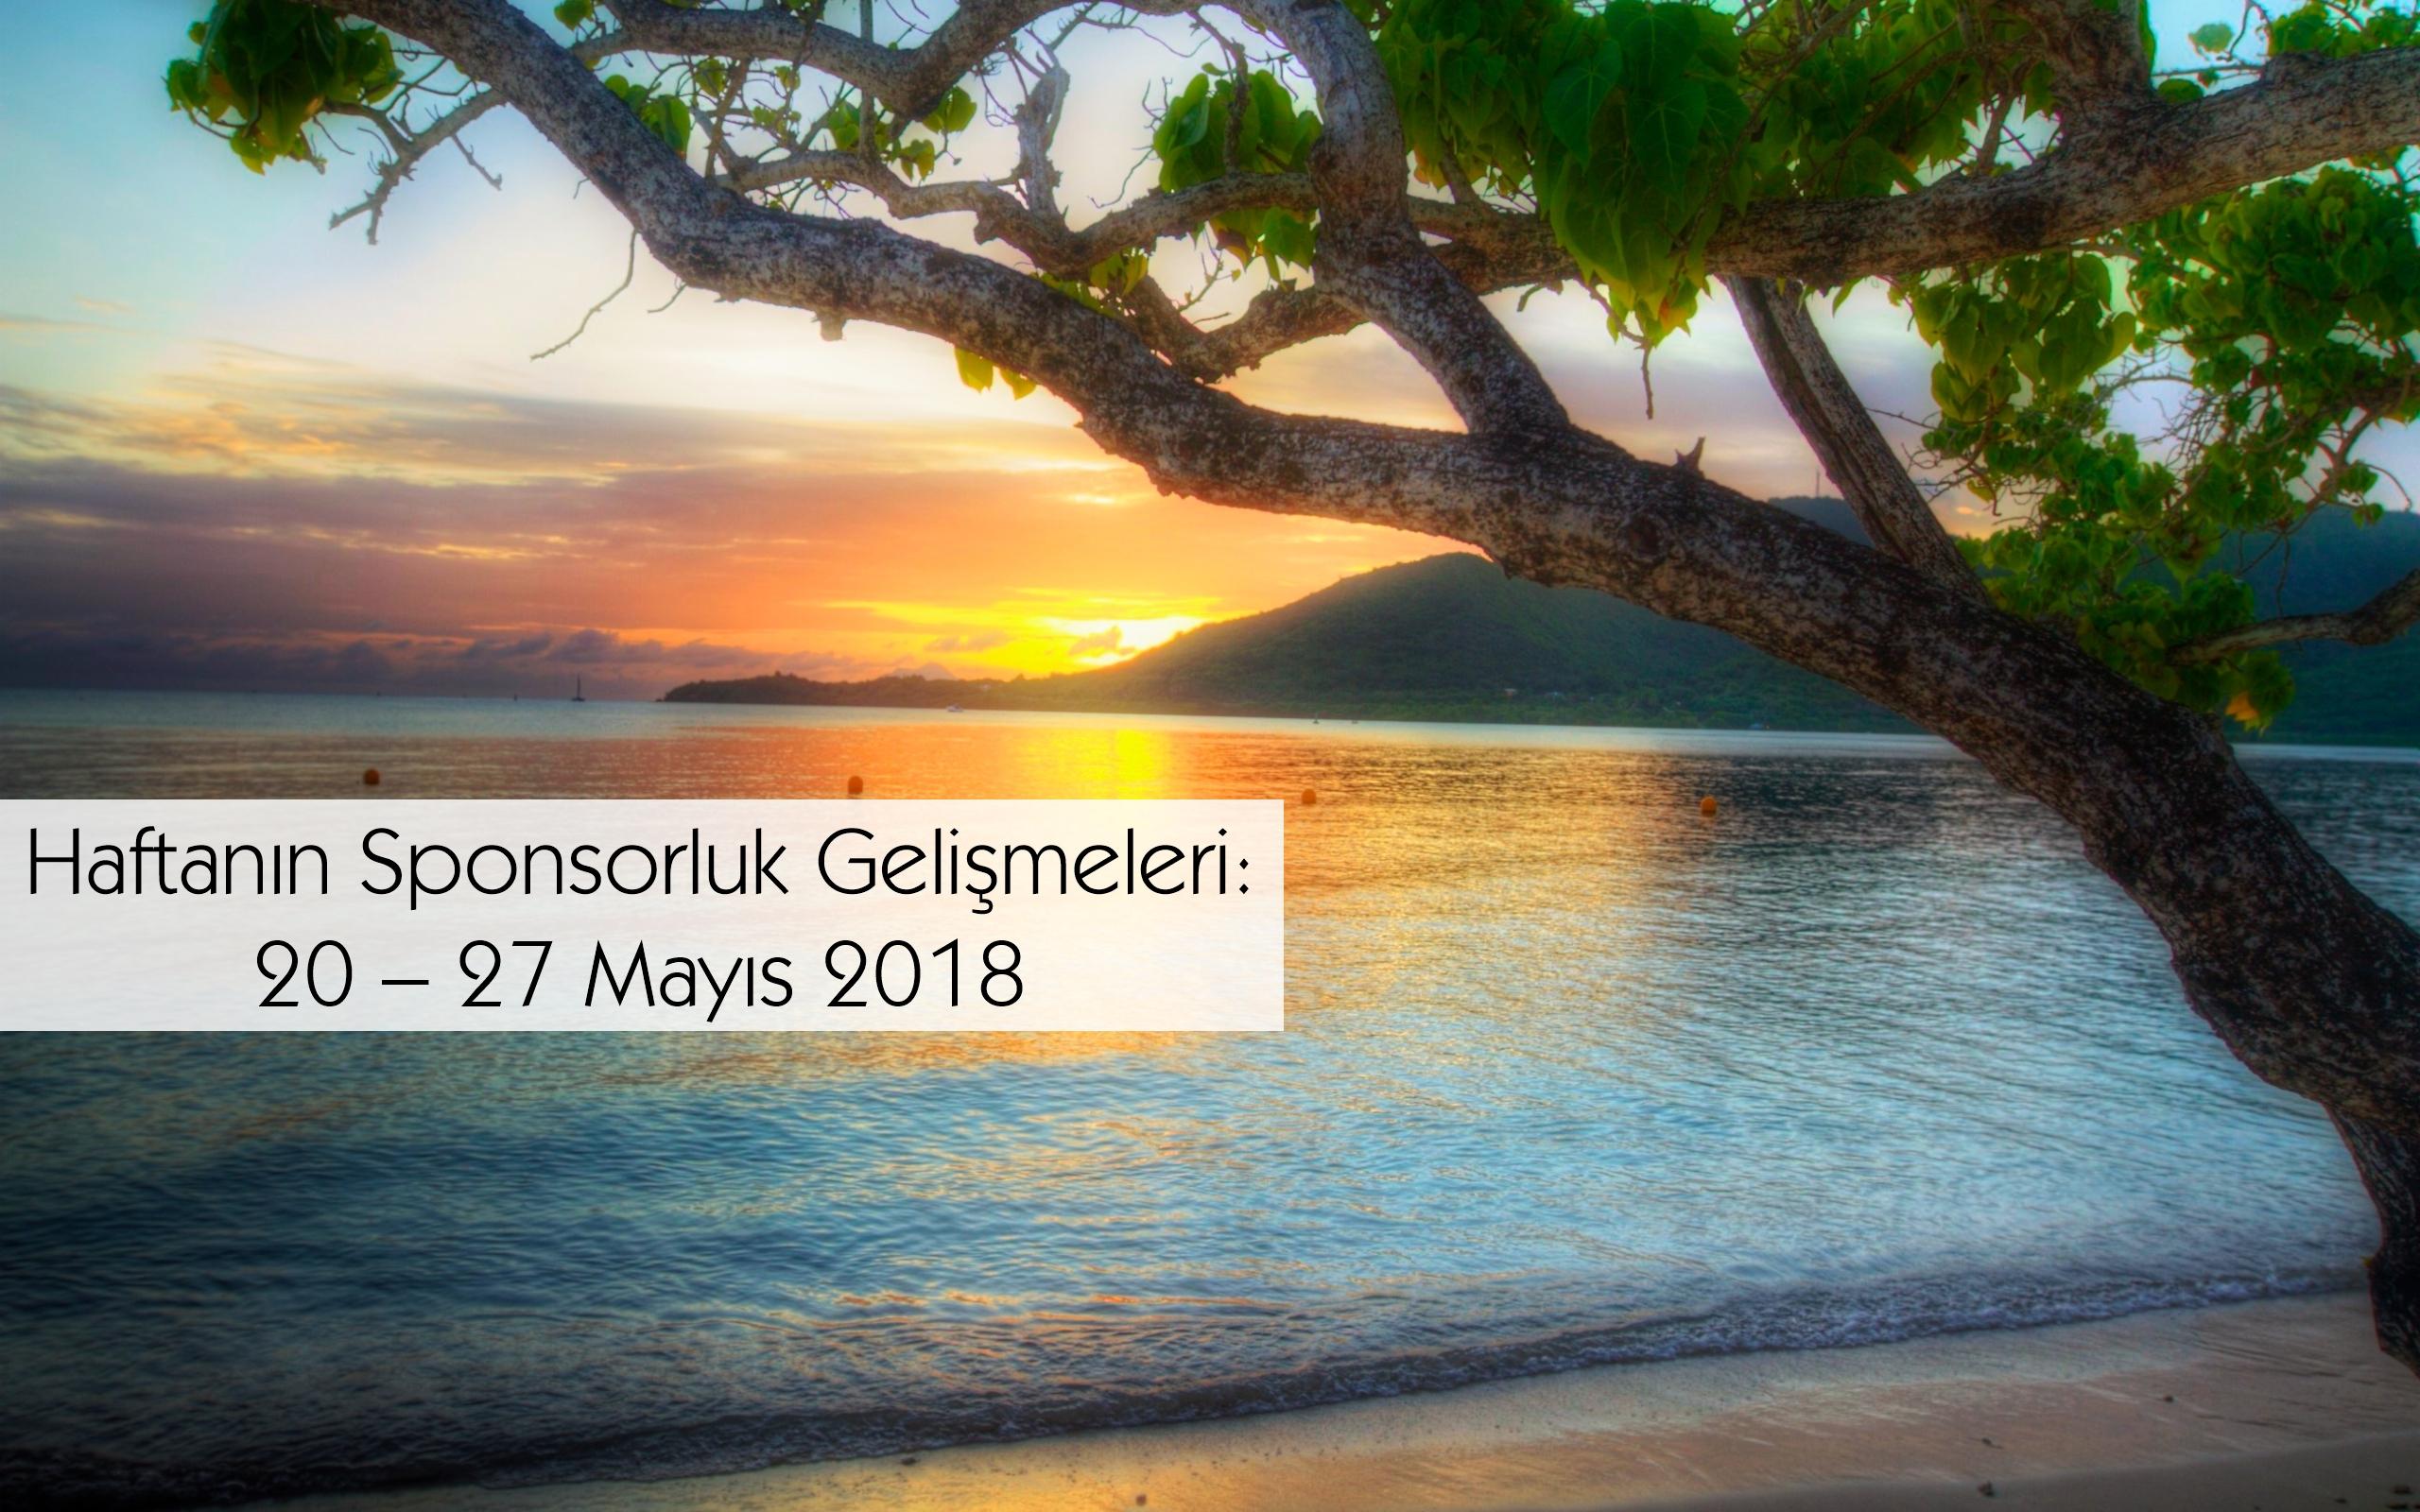 Haftanın Sponsorluk Gelişmeleri: 20 – 27 Mayıs 2018